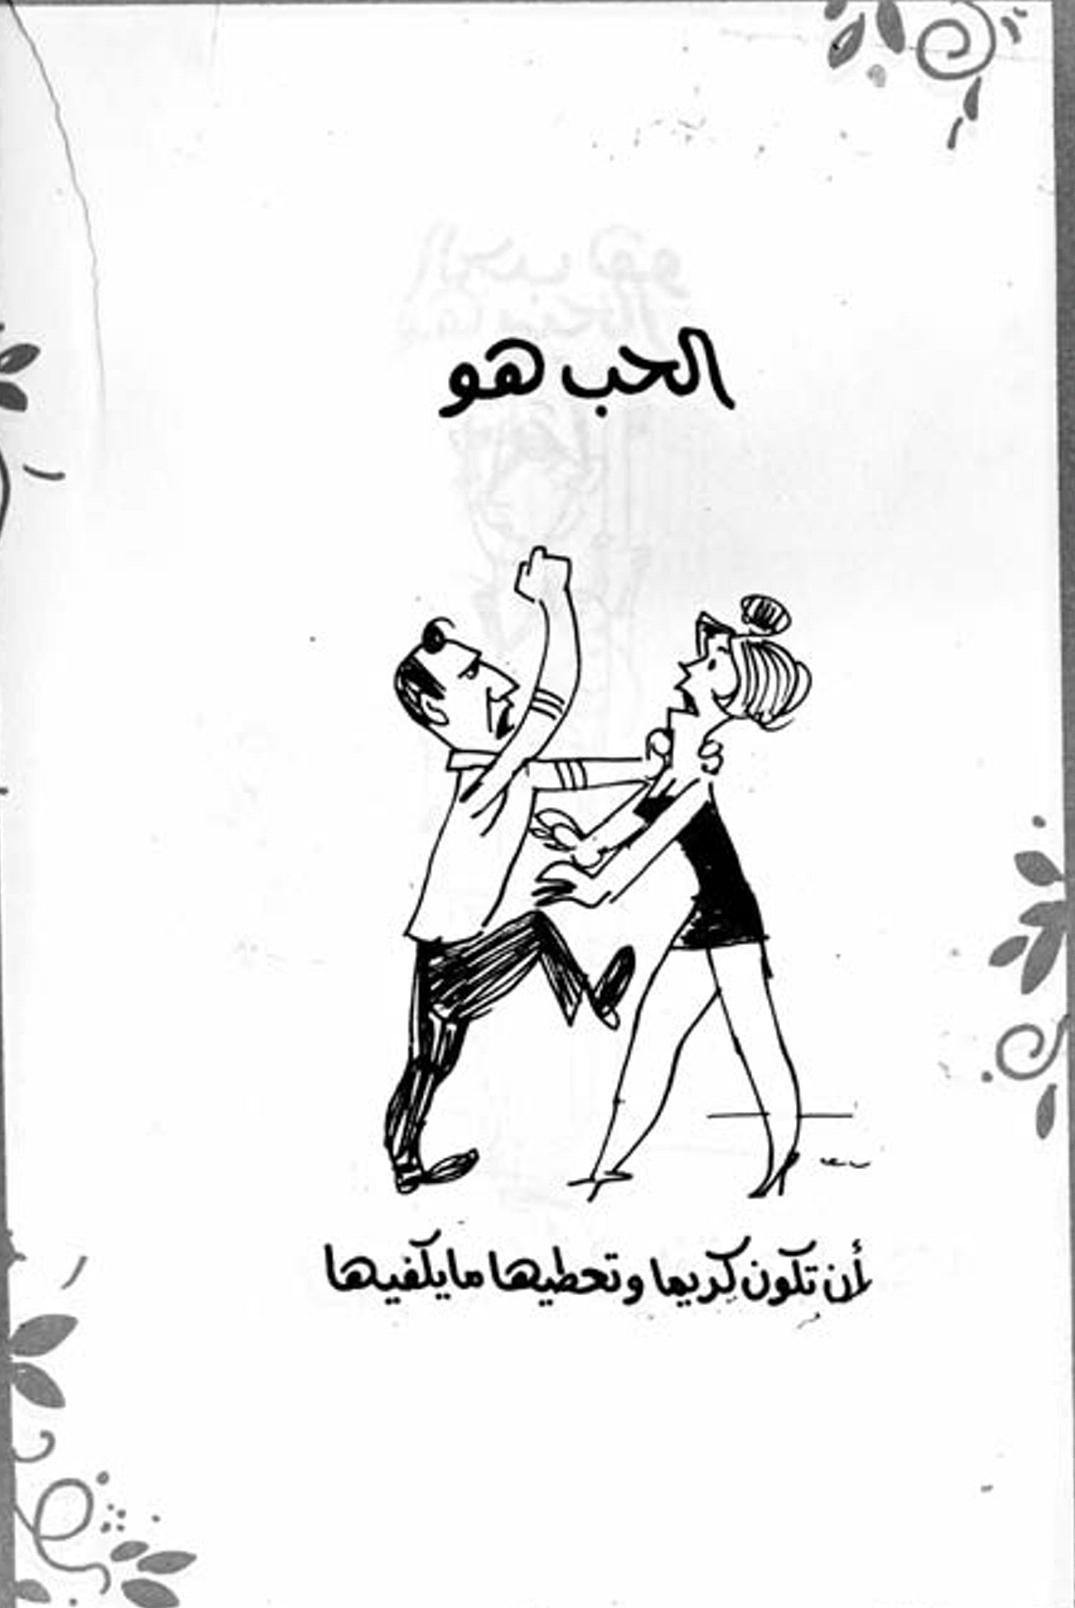 الحب هو احمد رجب مصطفي حسين كاركتير مصري Love Is Ahmed Ragab Mostafa Hussein Egyptian Stranger Things Funny Caricature Drawing Caricature